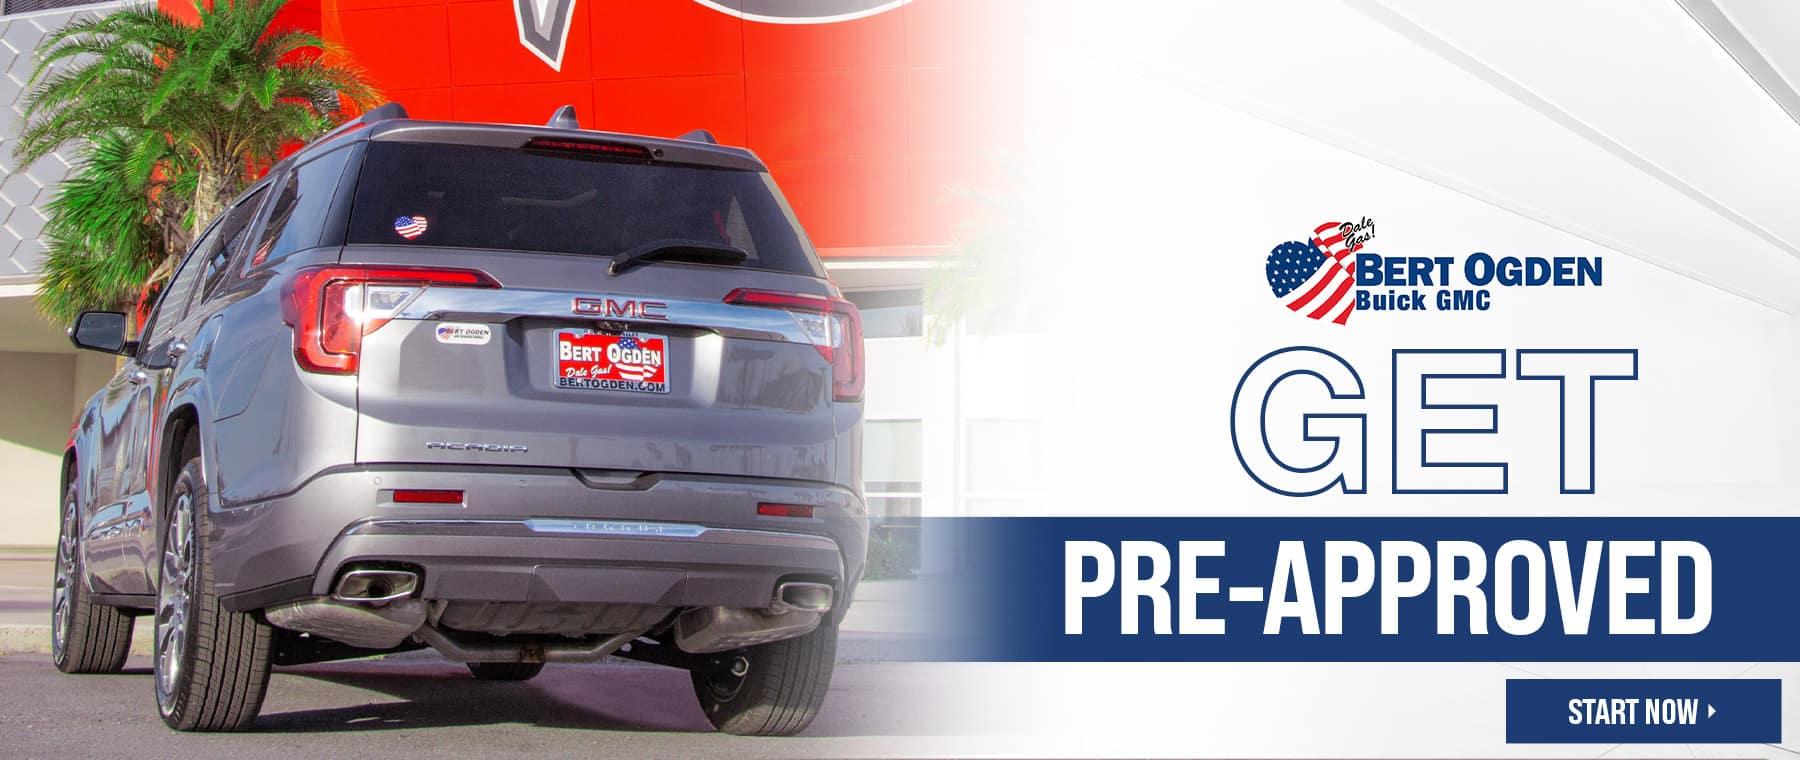 Get Pre-Approved - Bert Ogden Buick GMC - McAllen, TX